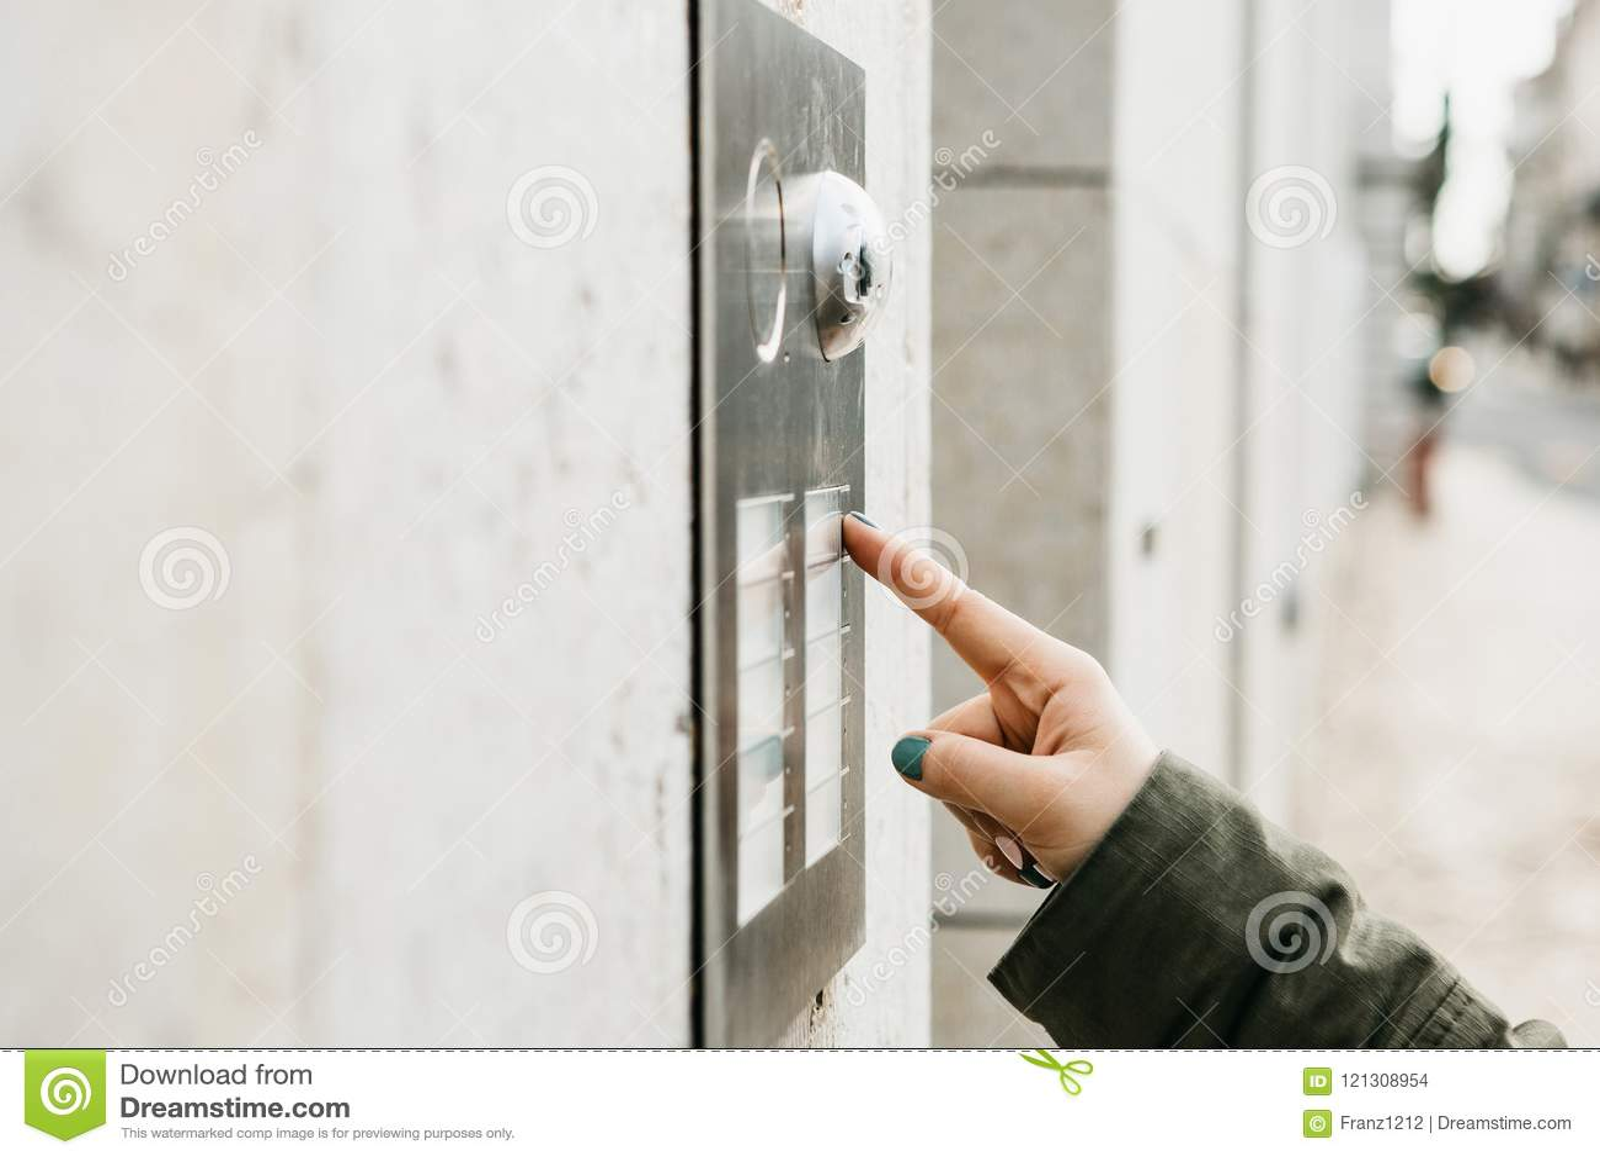 Abschluss herauf die weibliche Hand drückt den doorphone Knopf Das Mädchen nennt die Wechselsprechanlage